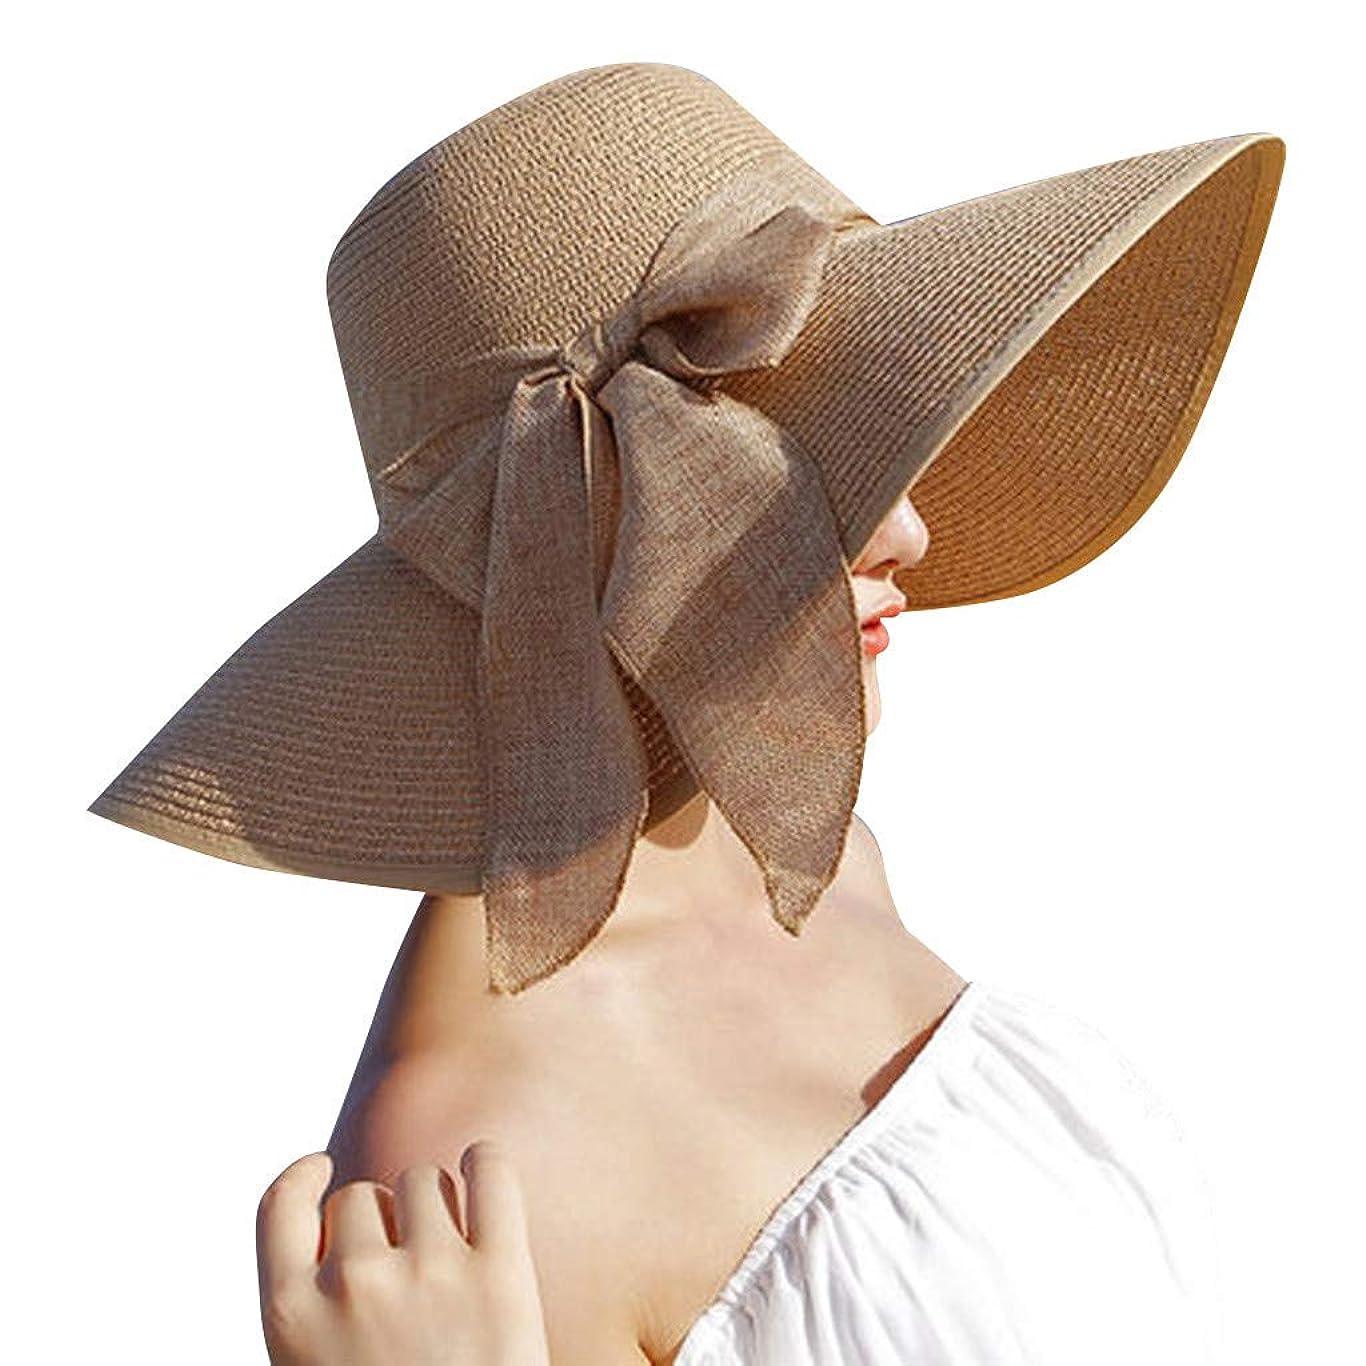 発症マグ繕う日除け帽子 ハット レディース ビッグバイザー 日よけ 夏季 日焼け 折りたたみ つば広 紫外線100%カット UV ハット 可愛い 顔効果抜群 サンバイザー 小顔効果 春夏 お出かけ用 ビーチハット 海辺 ROSE ROMAN